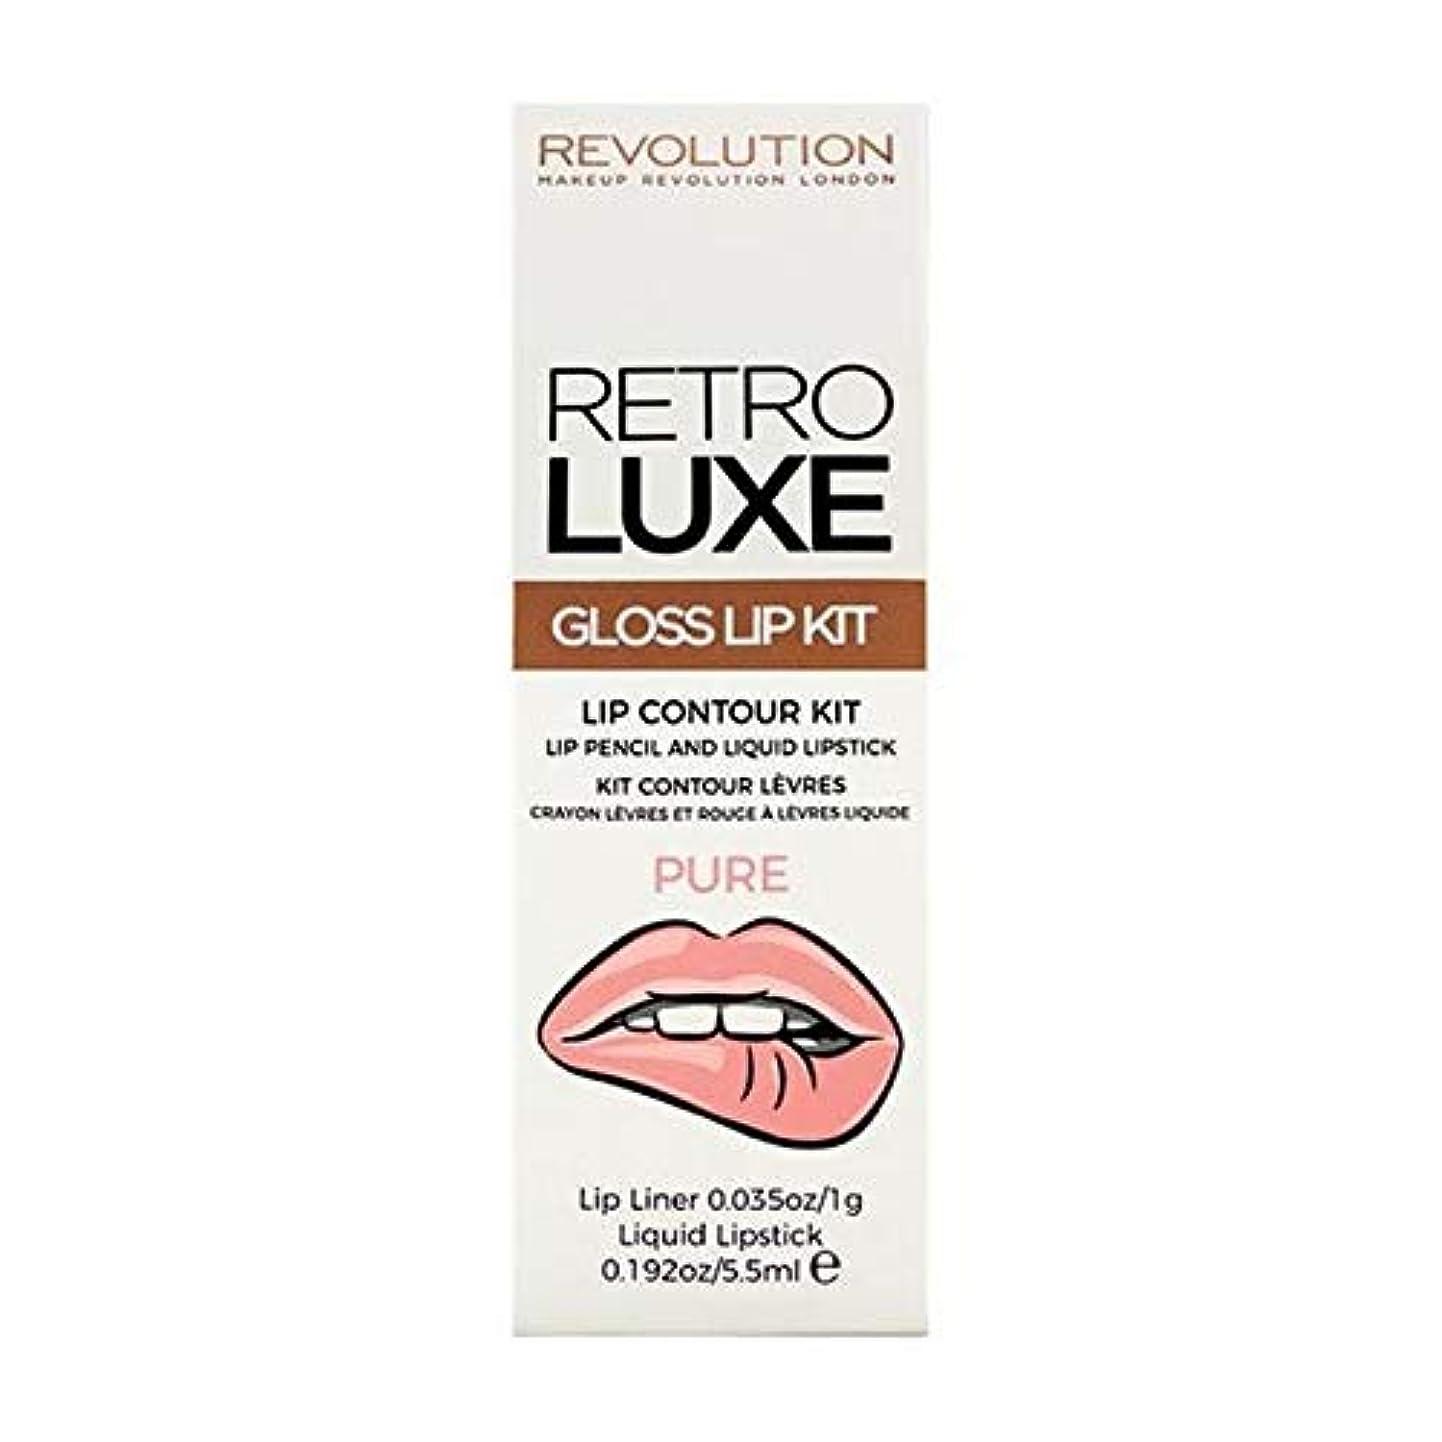 アドバンテージ場合小屋[Revolution ] 革命のレトロラックスキットは、純粋な光沢 - Revolution Retro Luxe Kits Gloss Pure [並行輸入品]